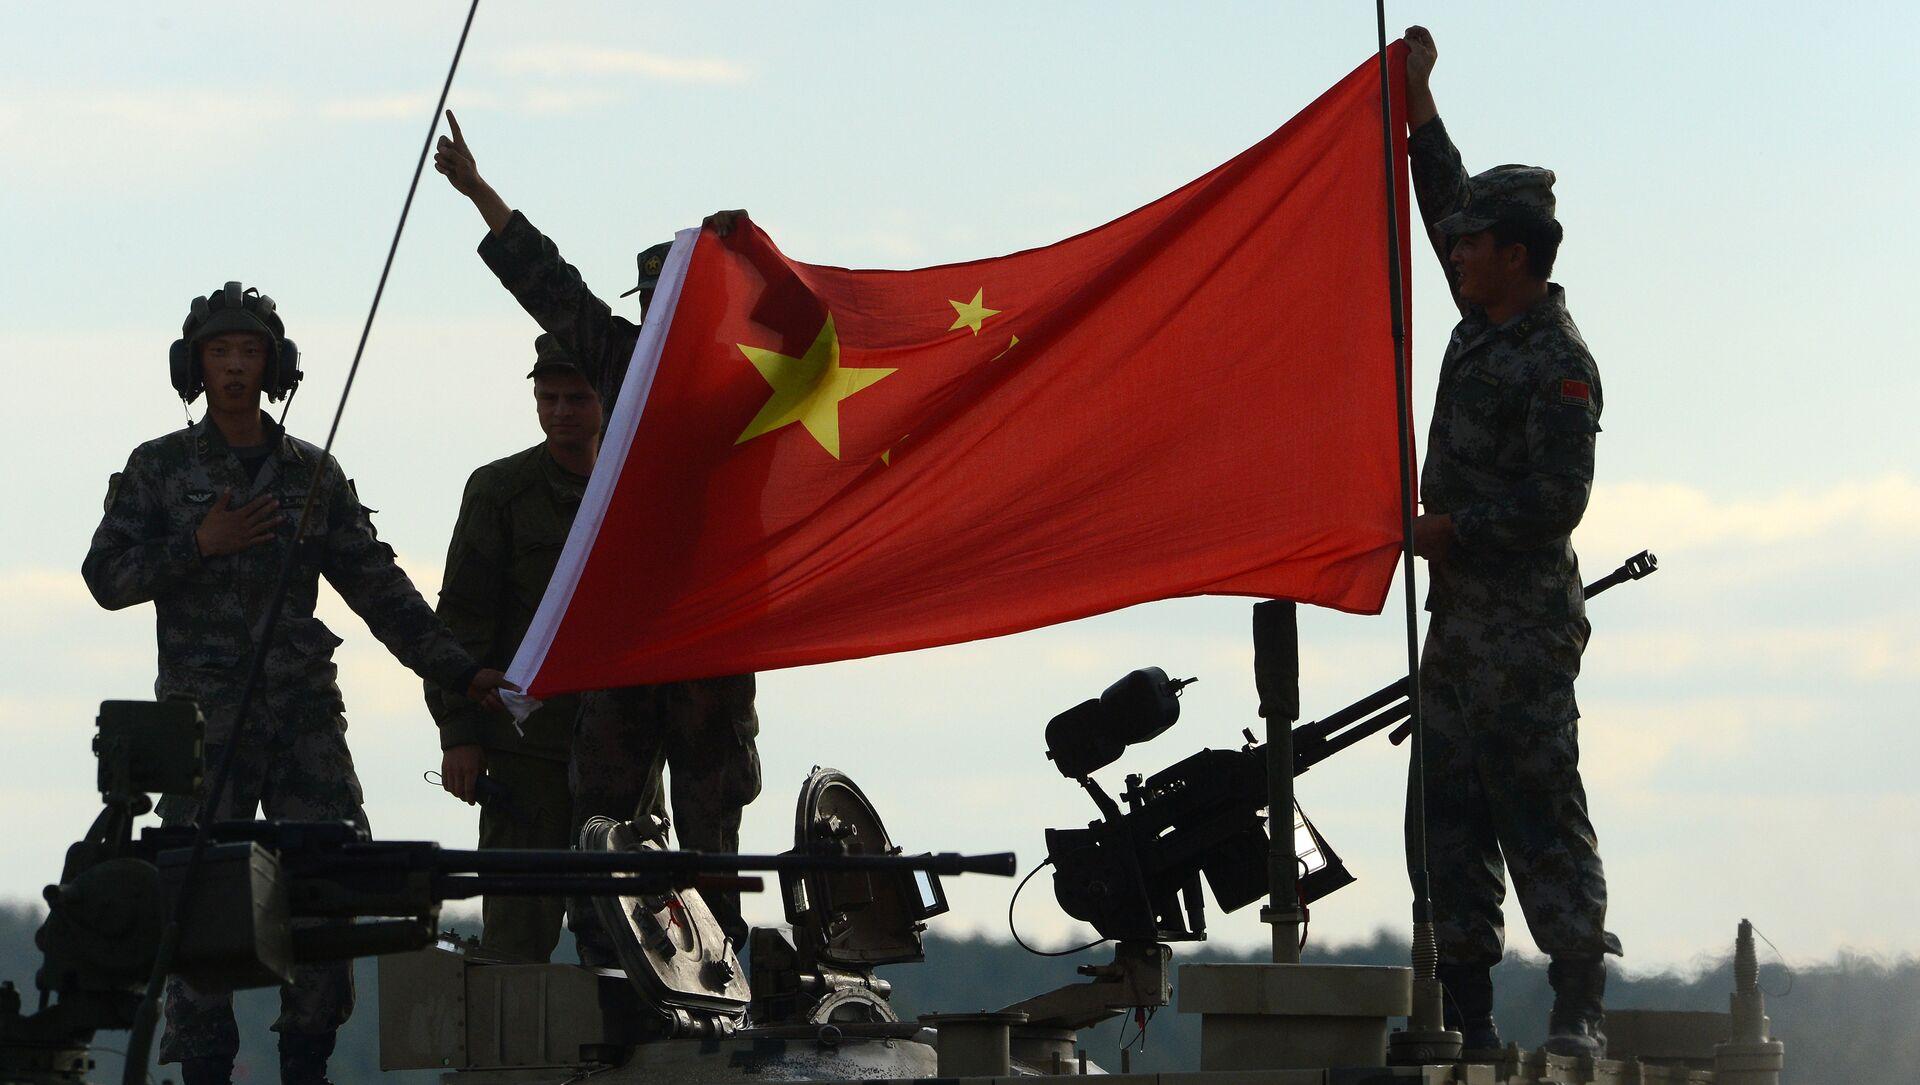 Des militaires chinois - Sputnik France, 1920, 21.08.2021